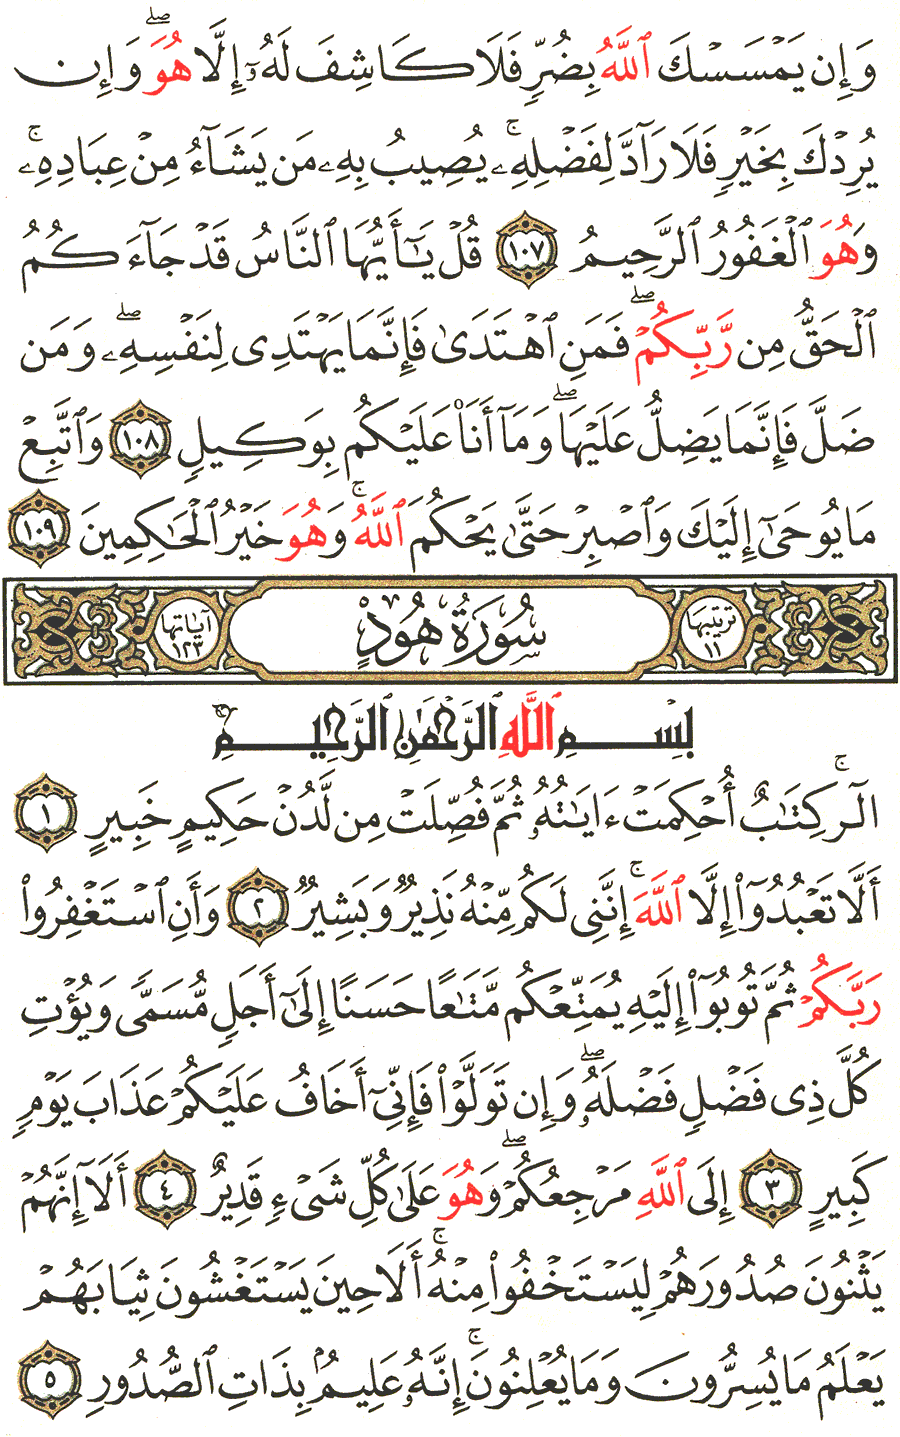 الصفحة رقم 221  من القرآن الكريم مكتوبة من المصحف